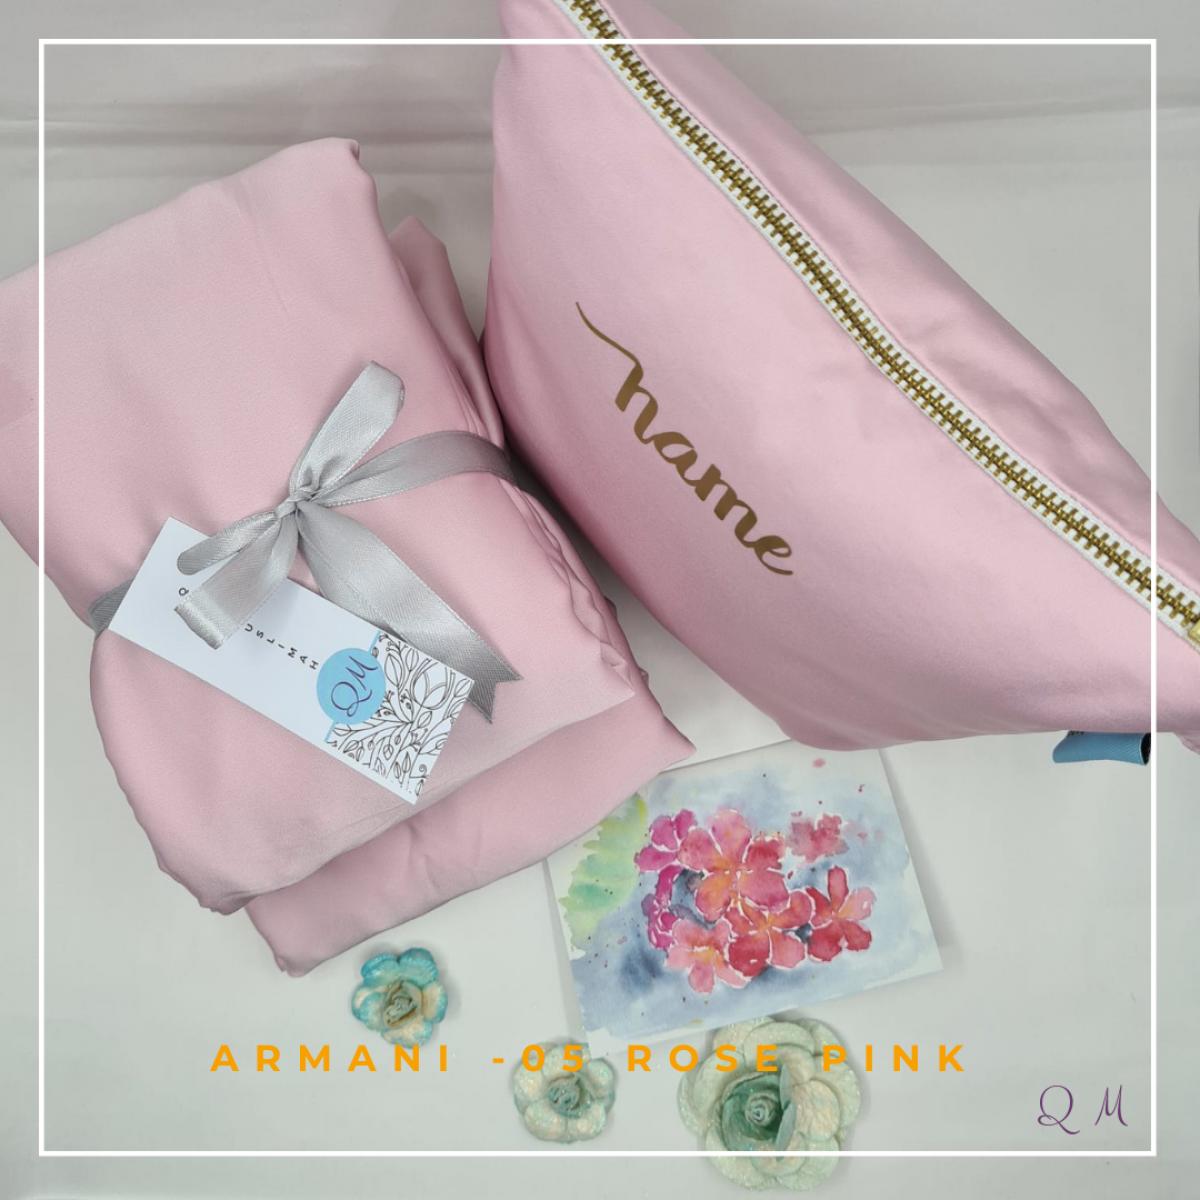 05. Telekung / Mukena Armani Silk - Rose Pink - Qool Muslimah